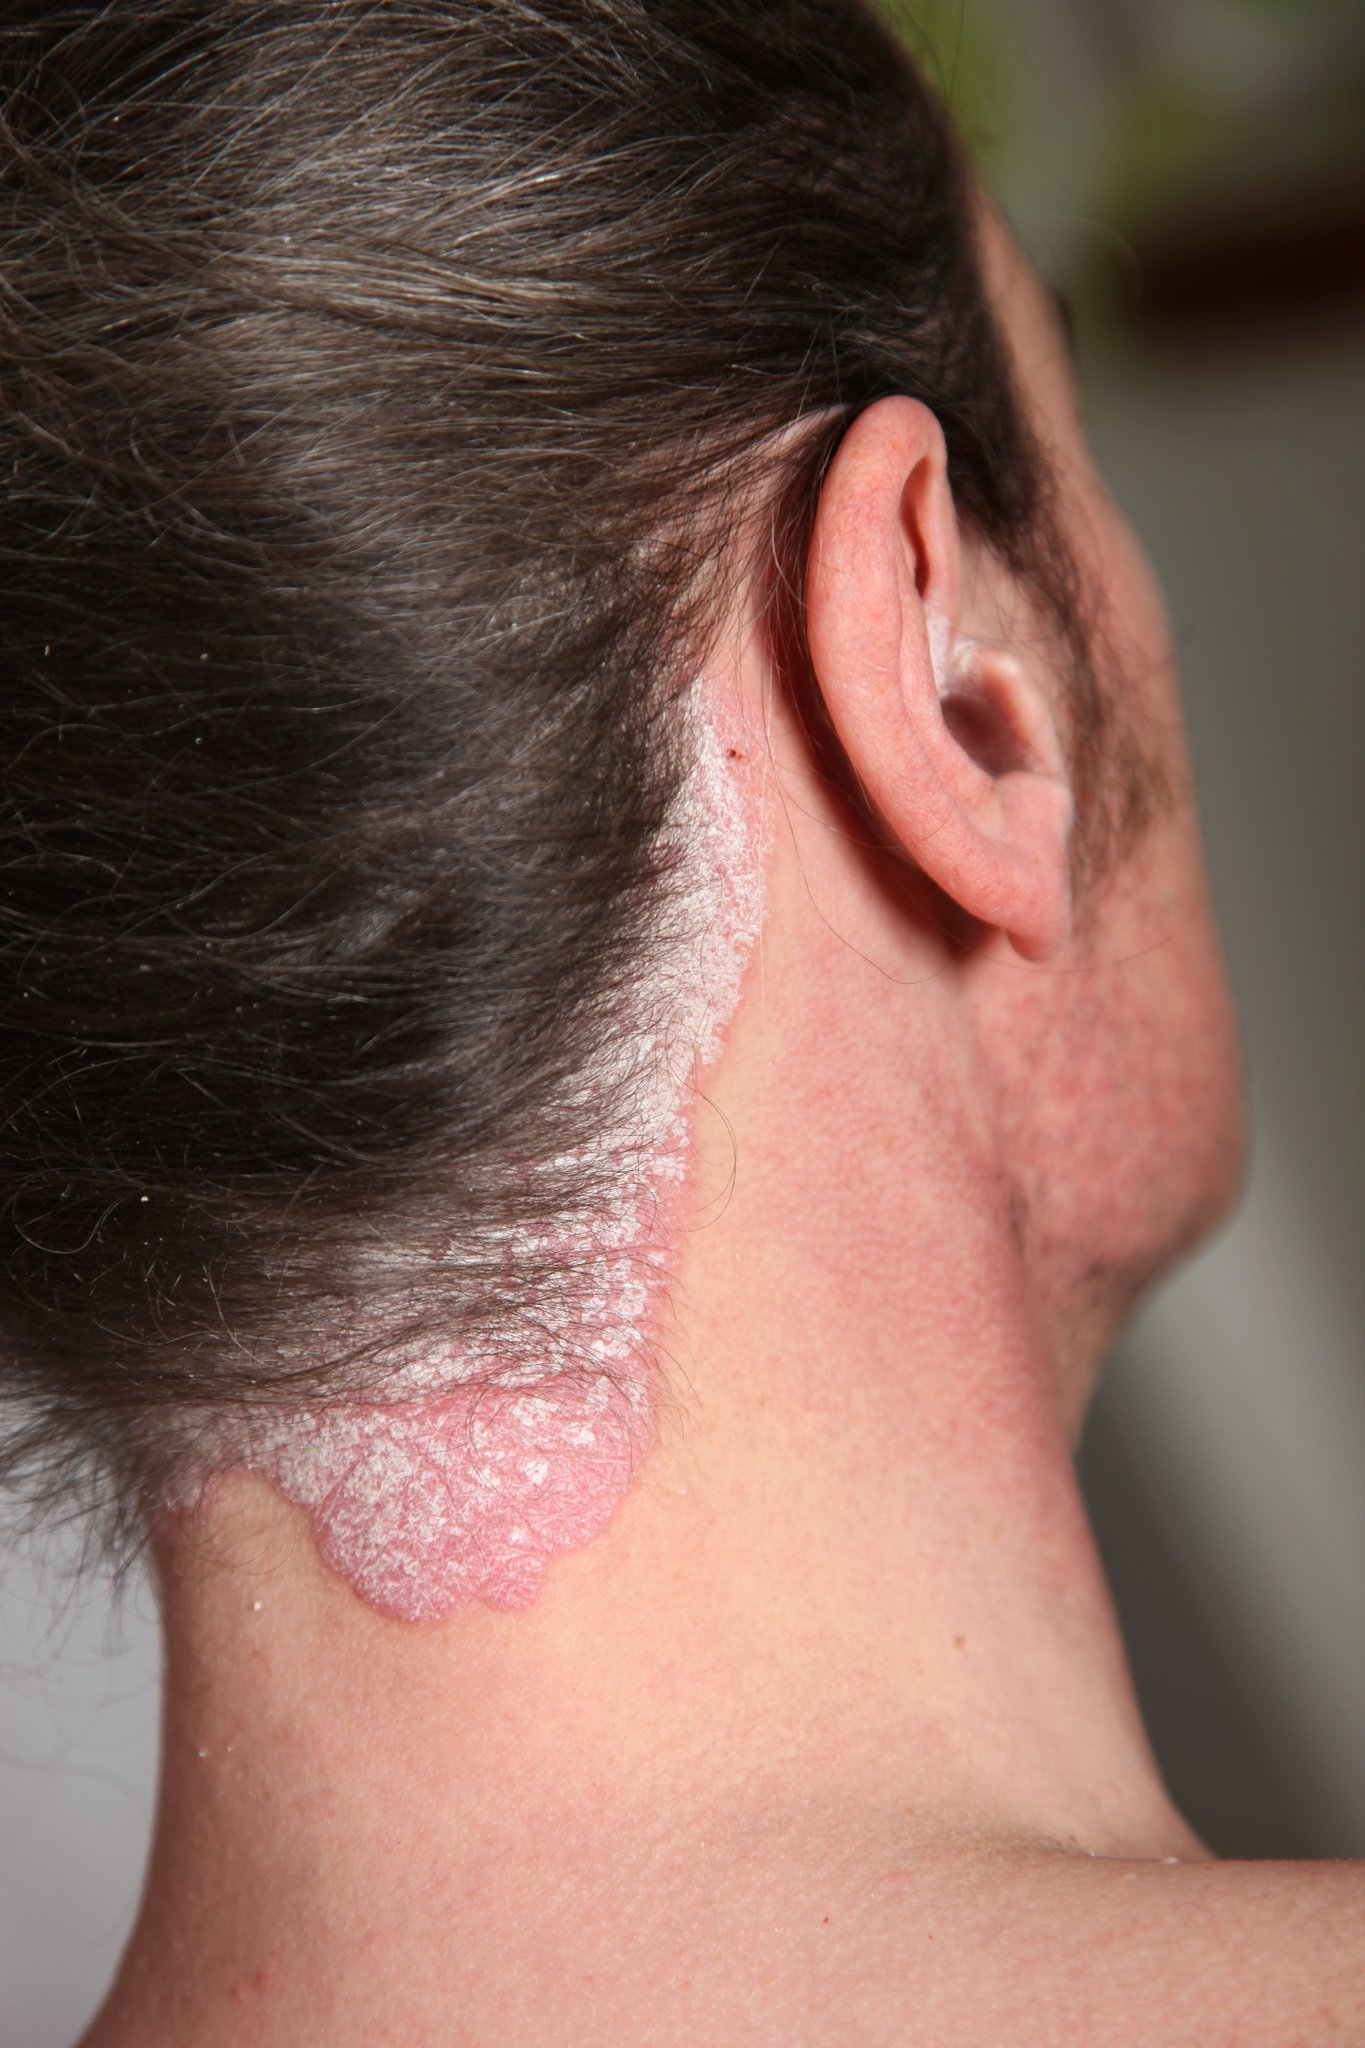 Menschen Mit Schuppenflechte Leiden Nicht Nur Körperlich Sondern